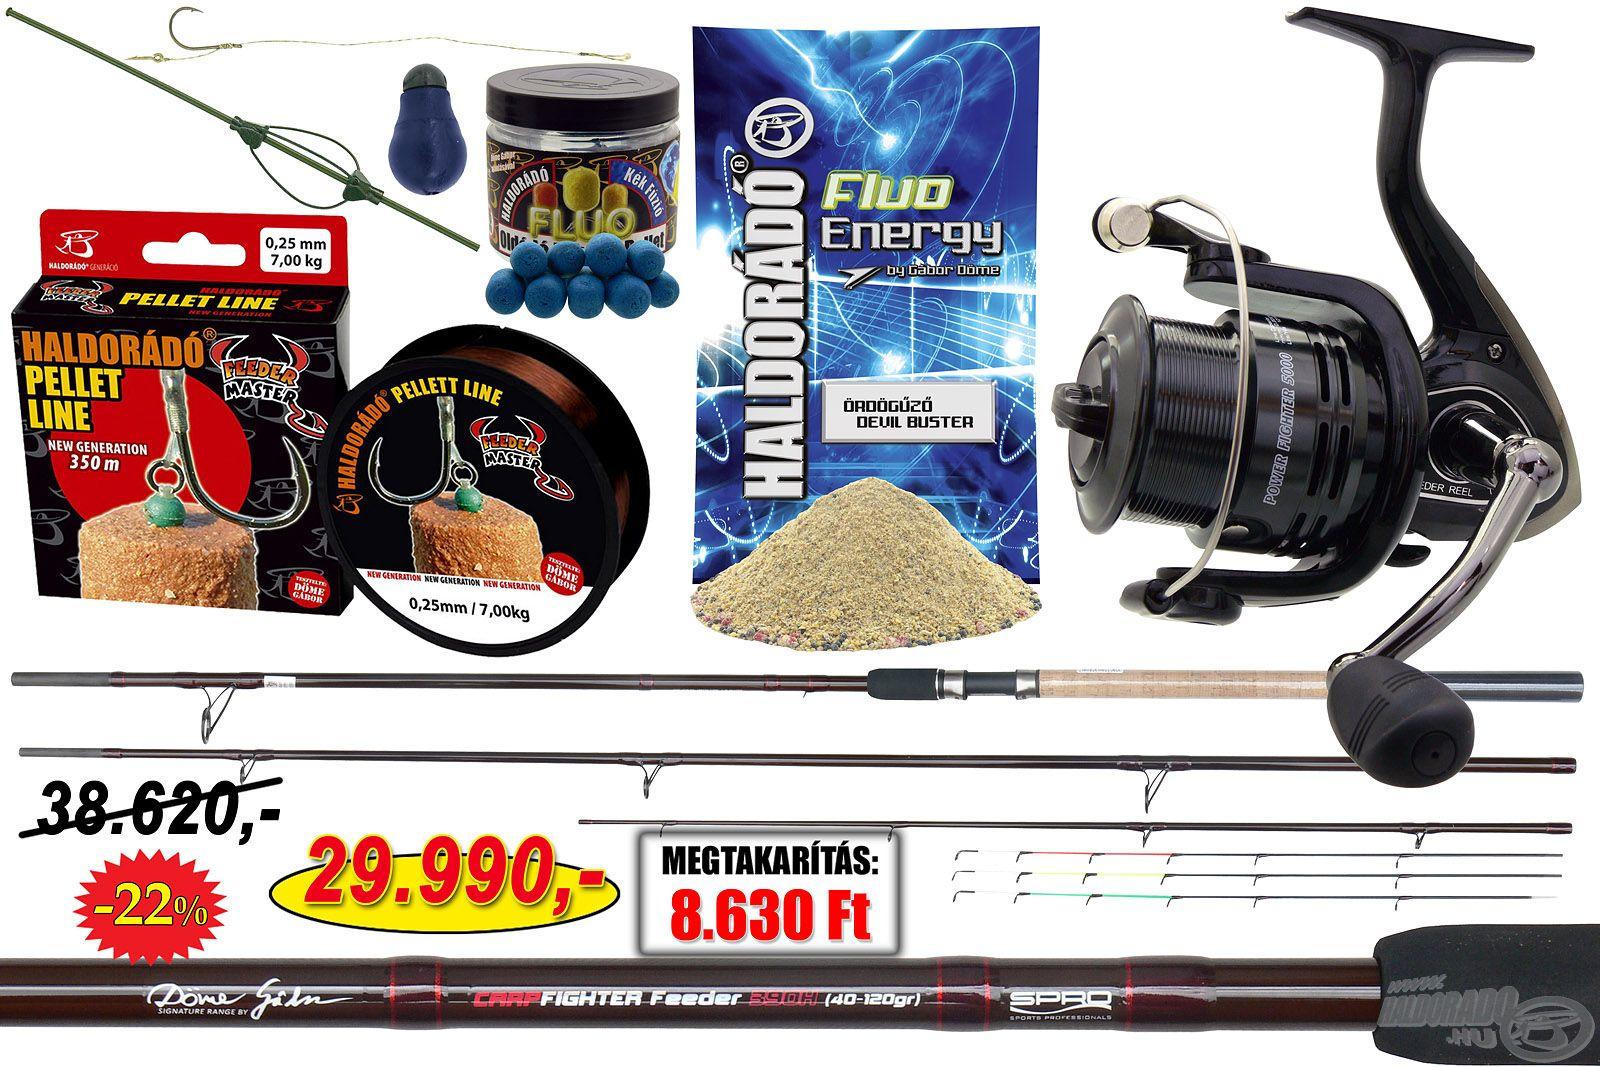 Kiváló minőségű, használatra kész felszerelés, nagyhalas feederhorgászoknak!